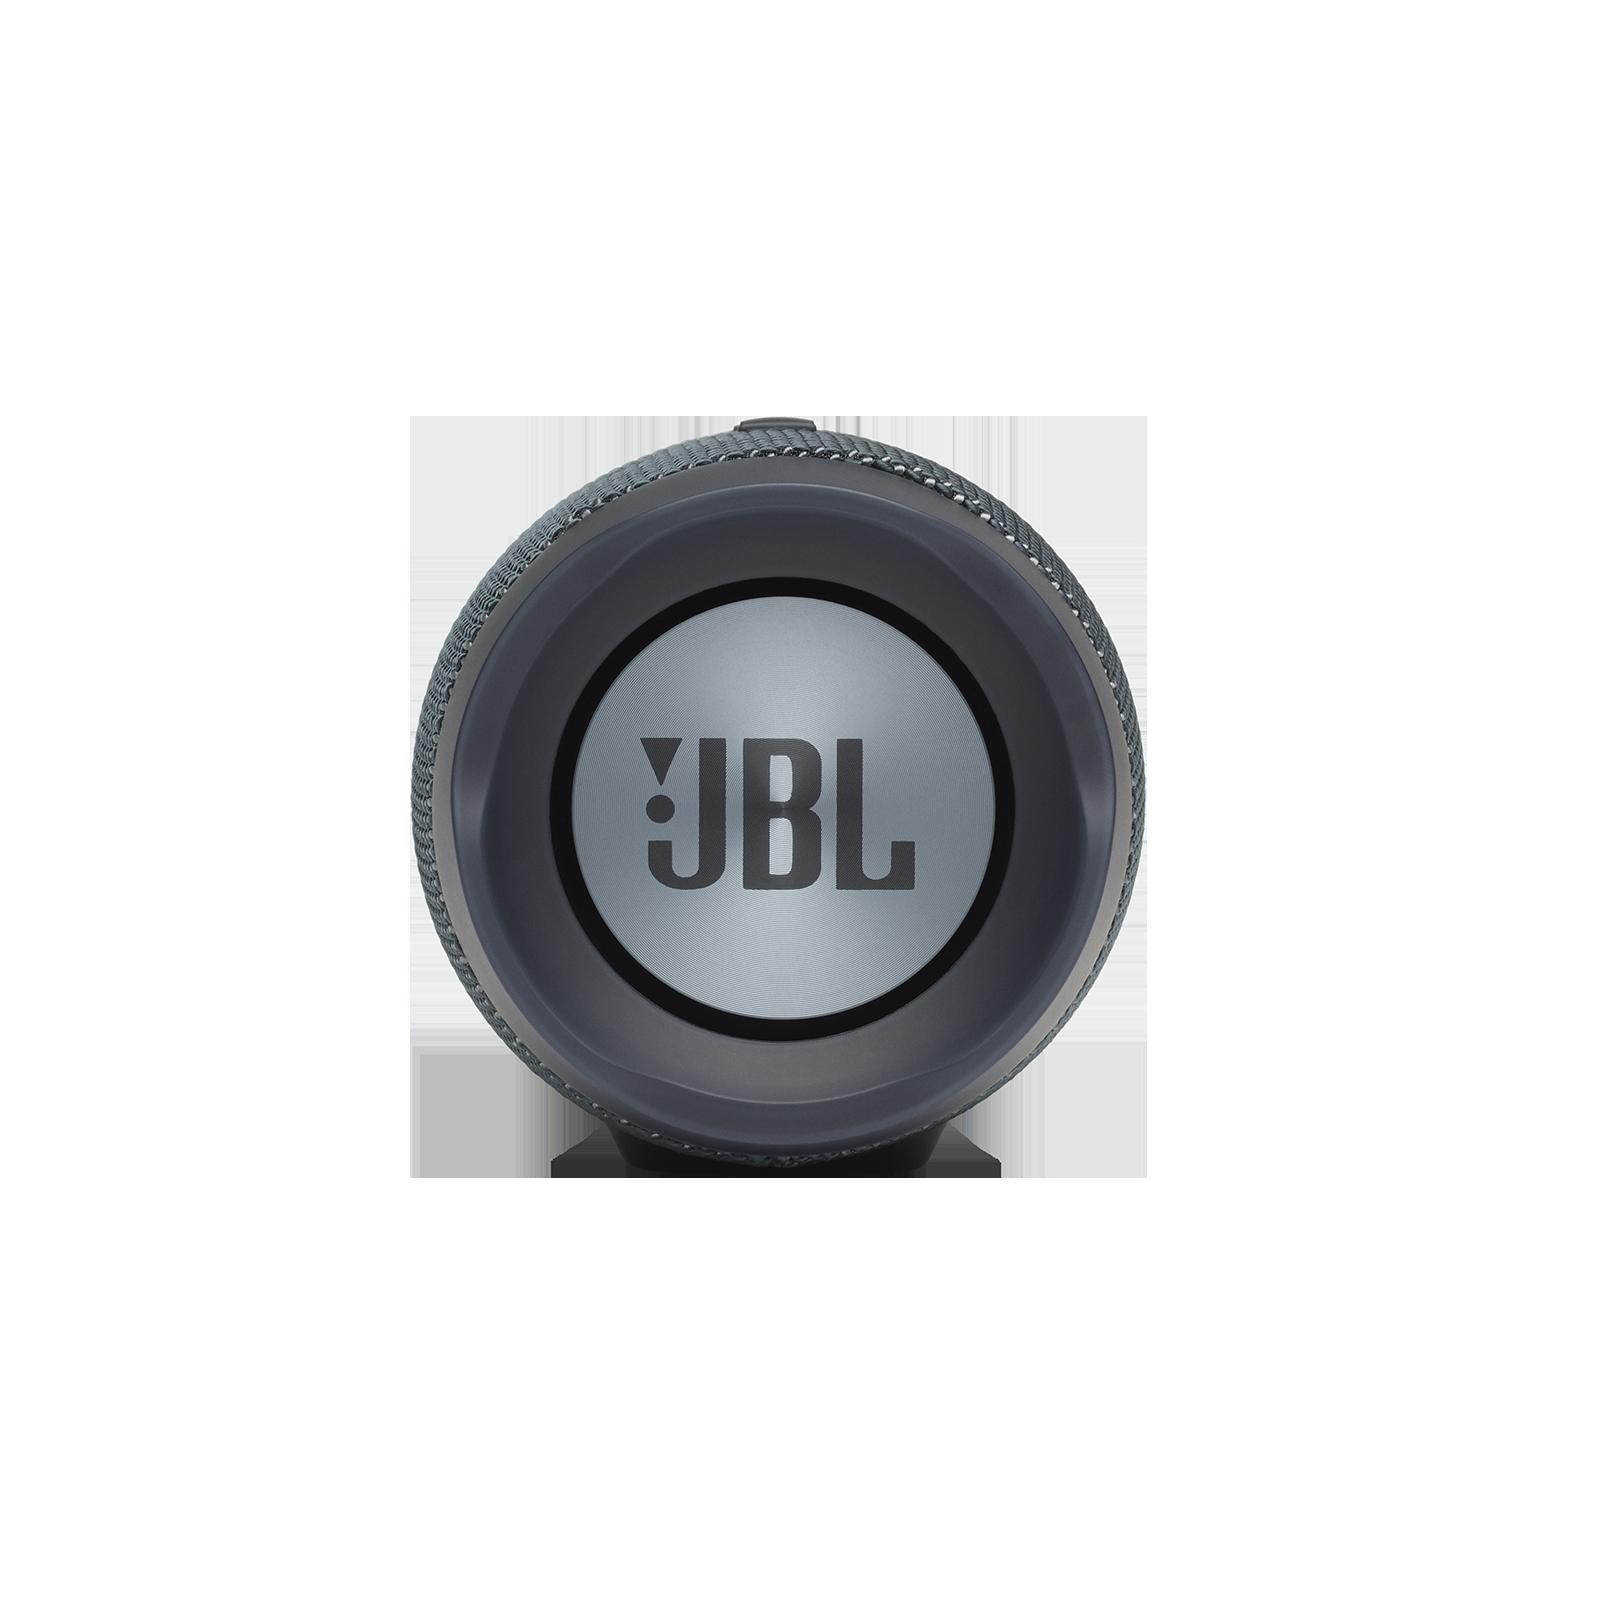 JBL Charge Essential - Gun Metal - Portable waterproof speaker - Left